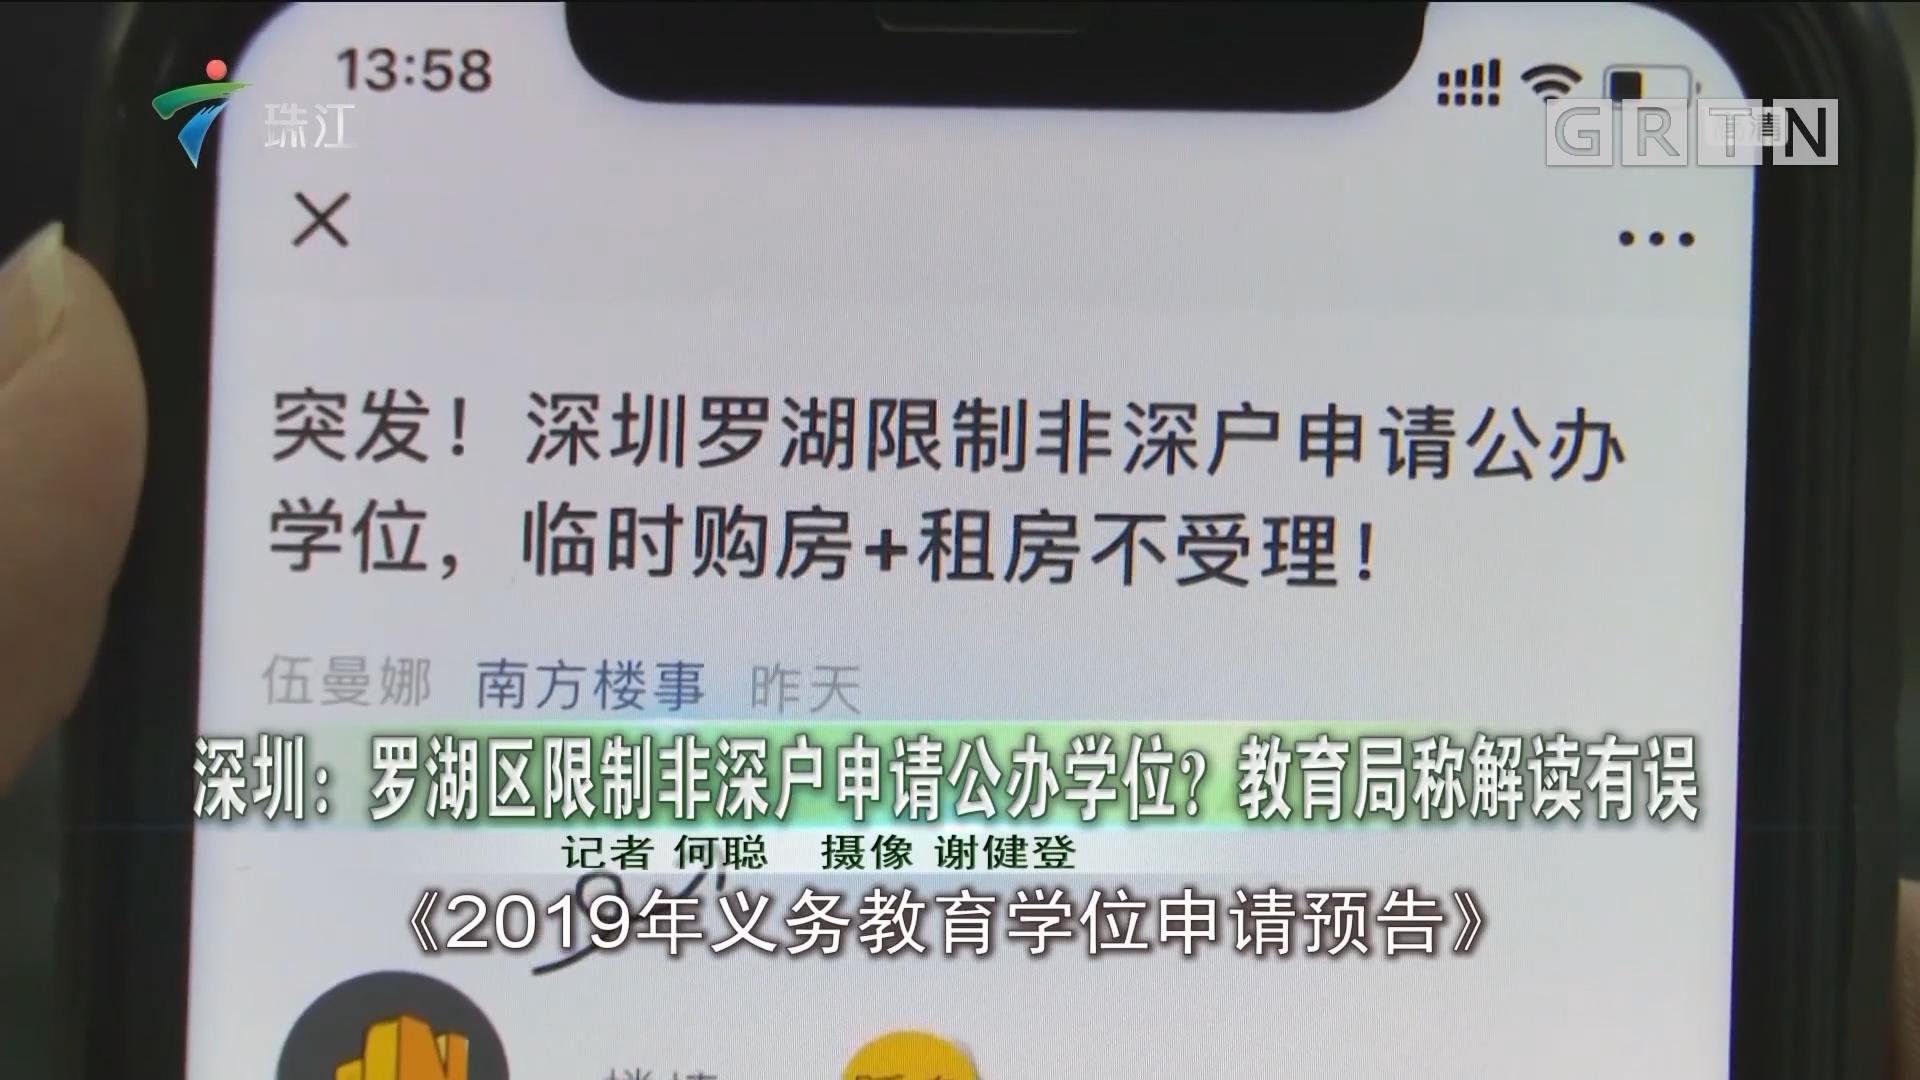 深圳:罗湖区限制非深户申请公办学位?教育局称解读有误